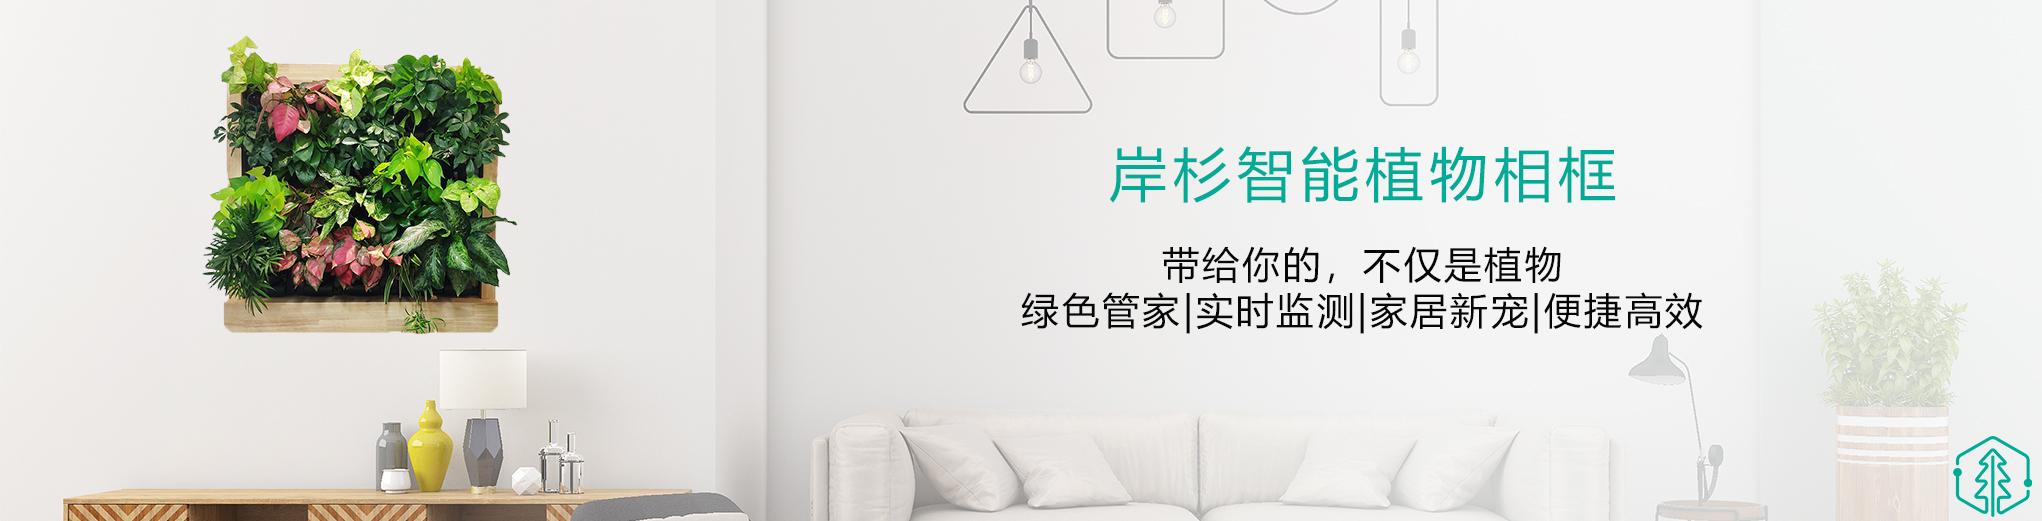 【顾家猫·岸杉科技】2021.01.19~2021.03.19(5/60)